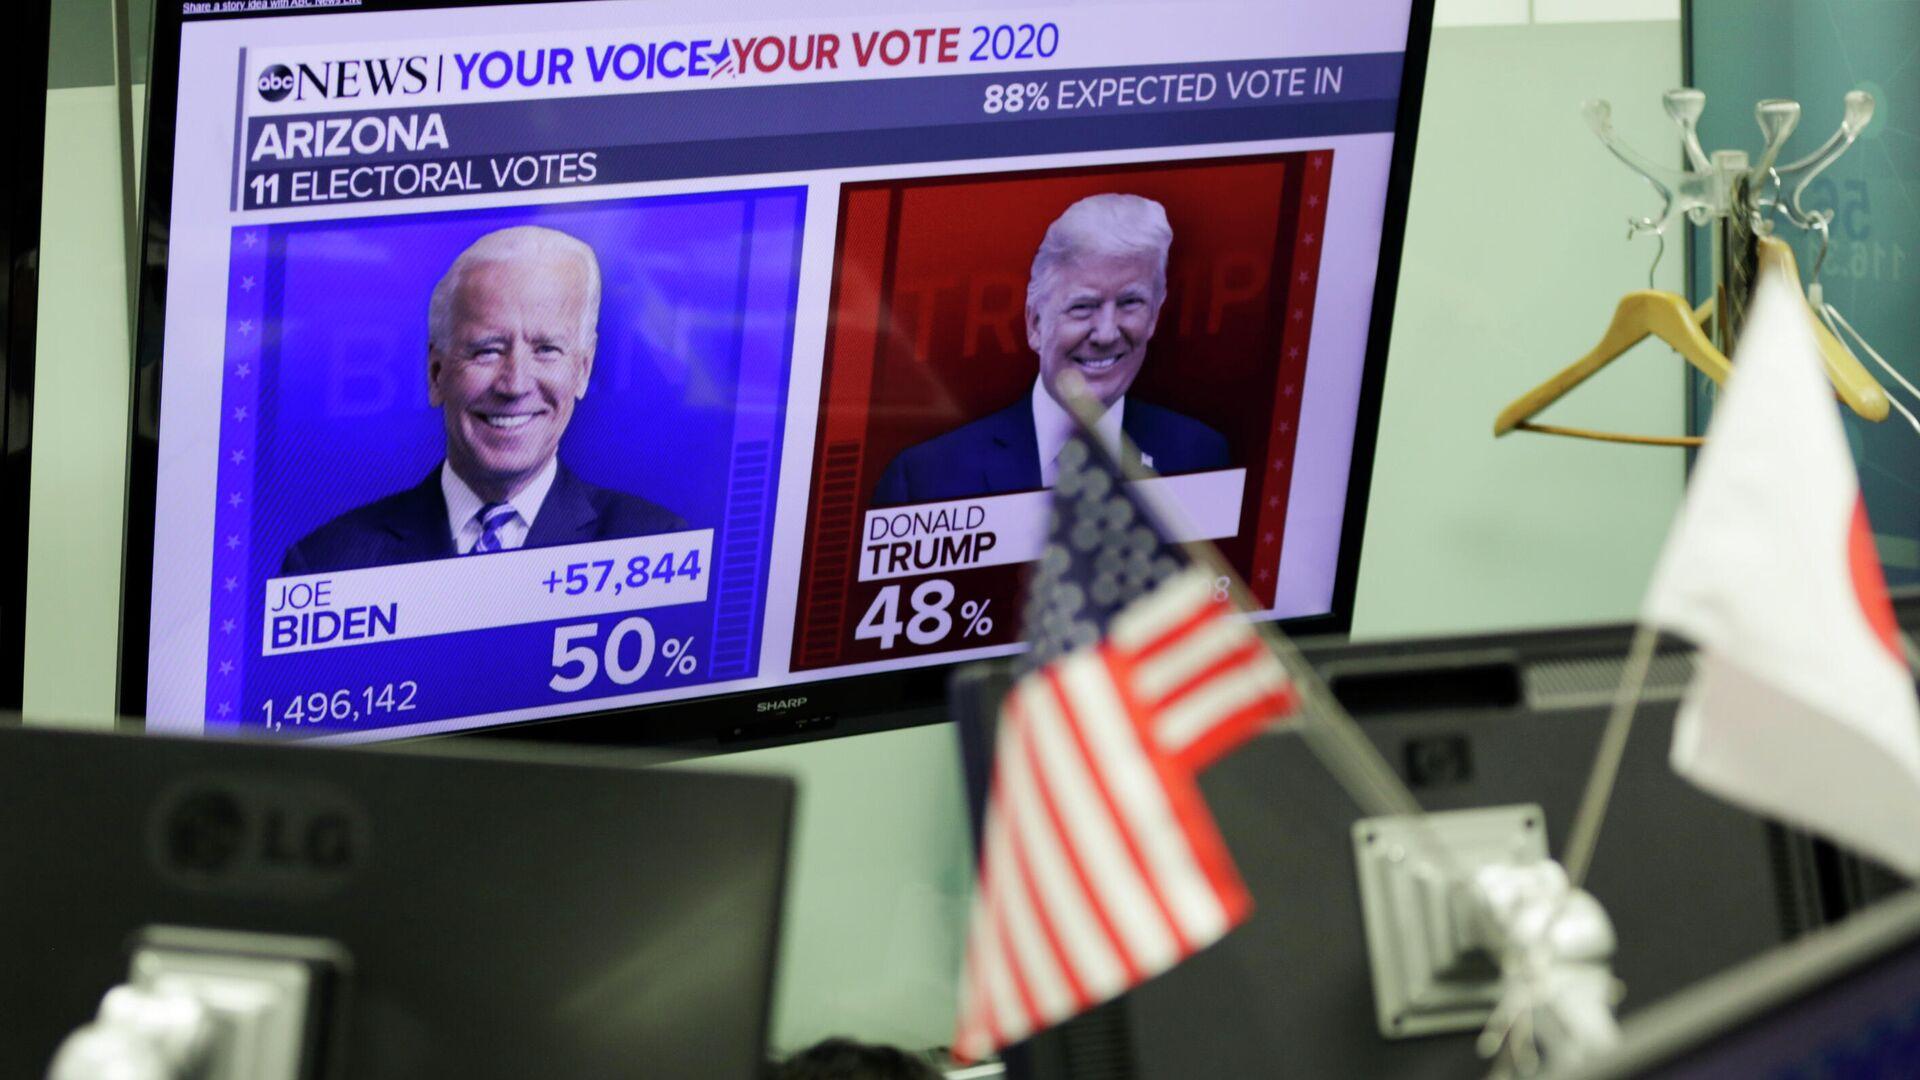 Экран с предварительным подсчетом голосов на выборах президента США - РИА Новости, 1920, 12.11.2020